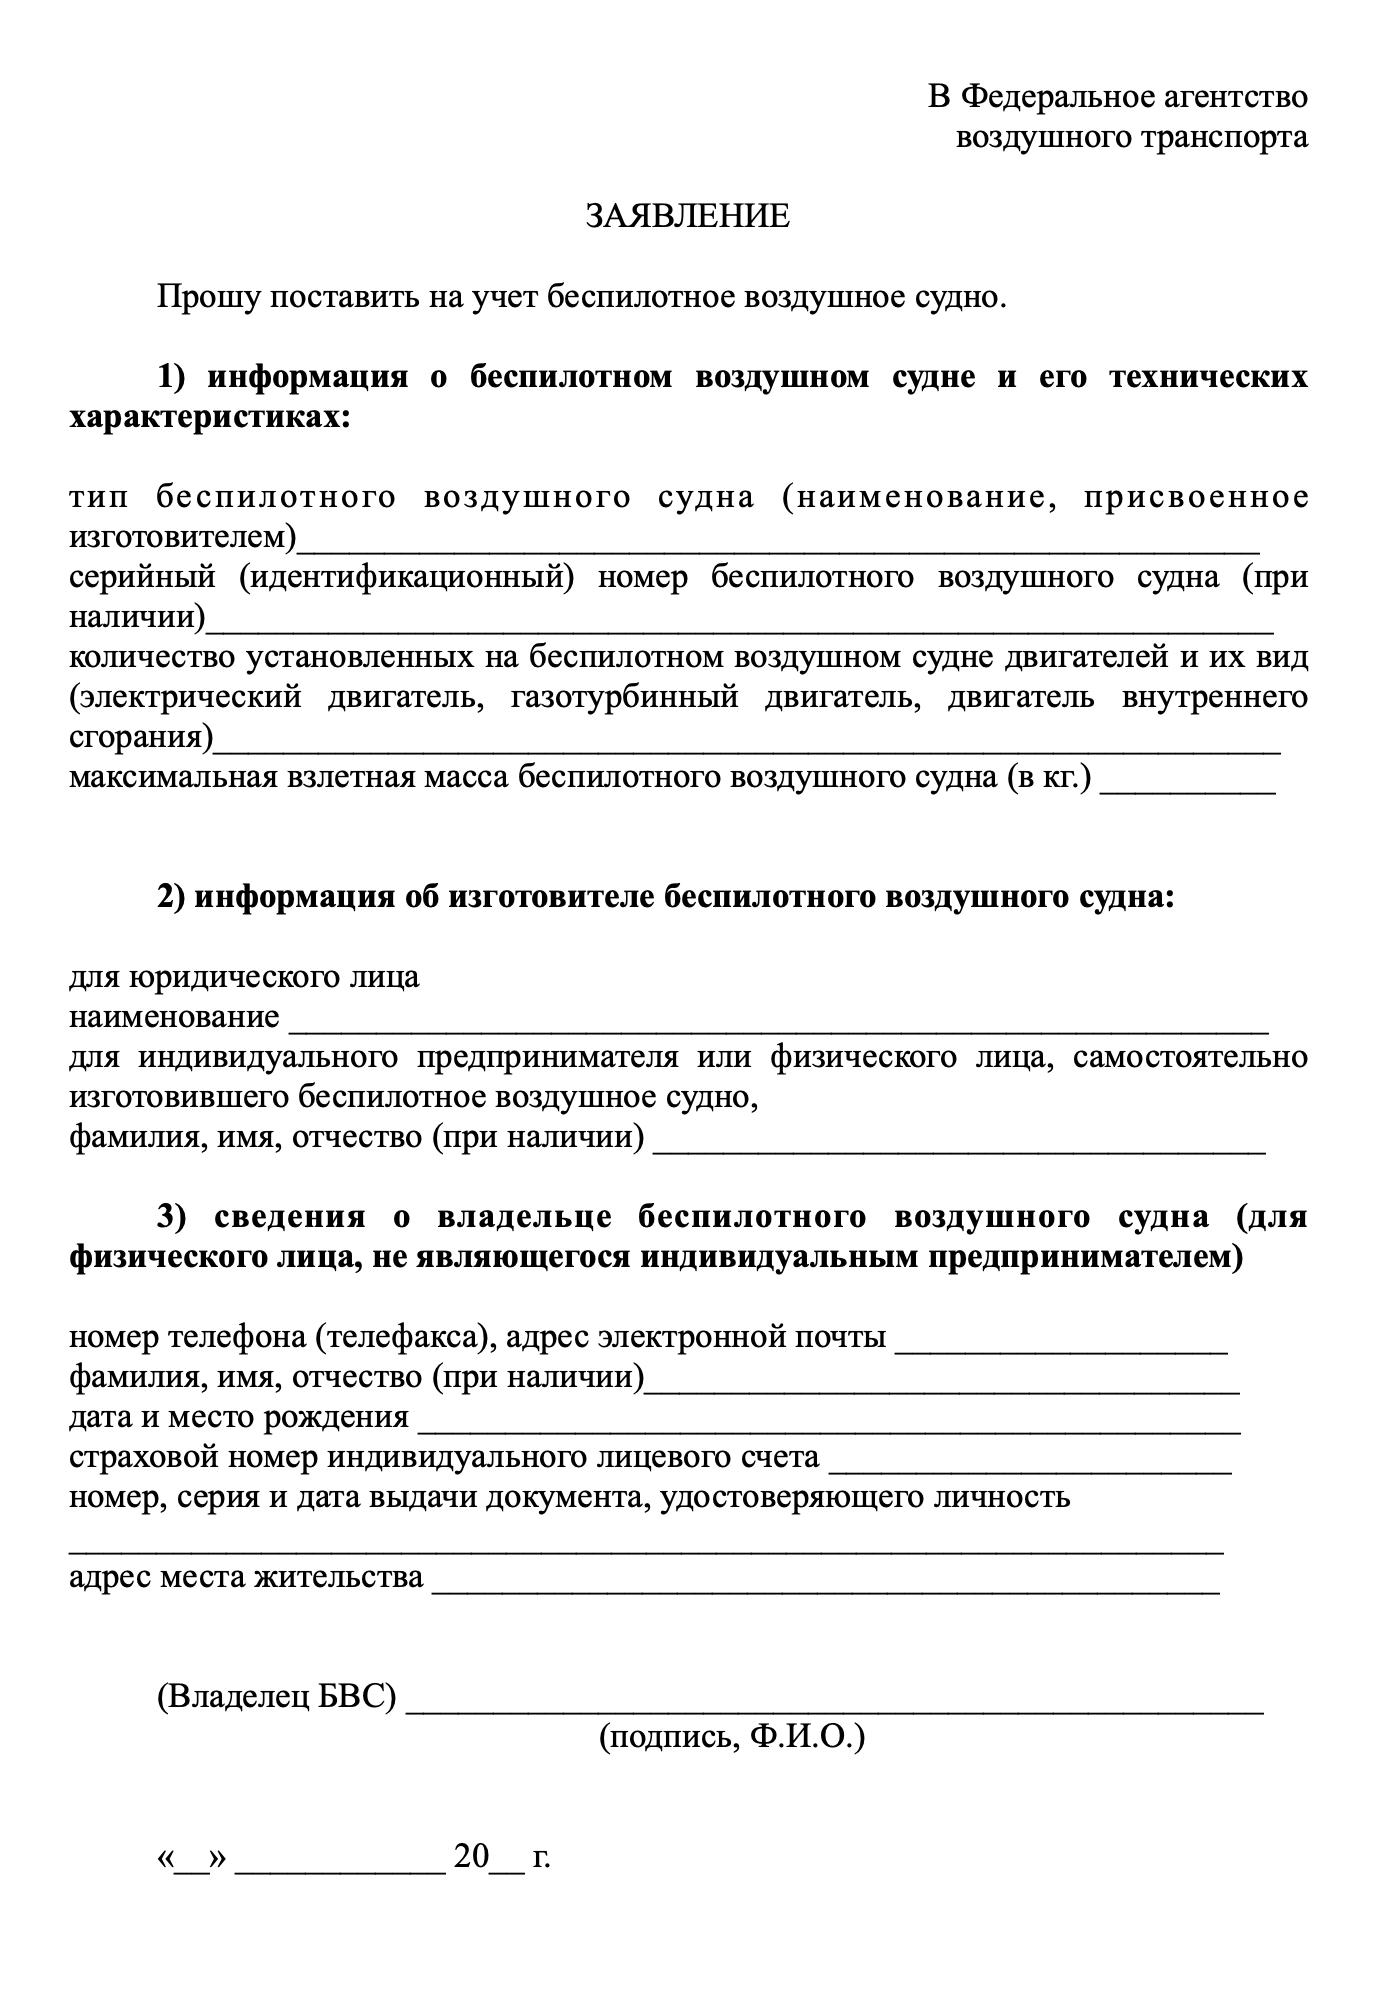 Заявление помещается на одном листе. Его можно заполнить от руки или на компьютере